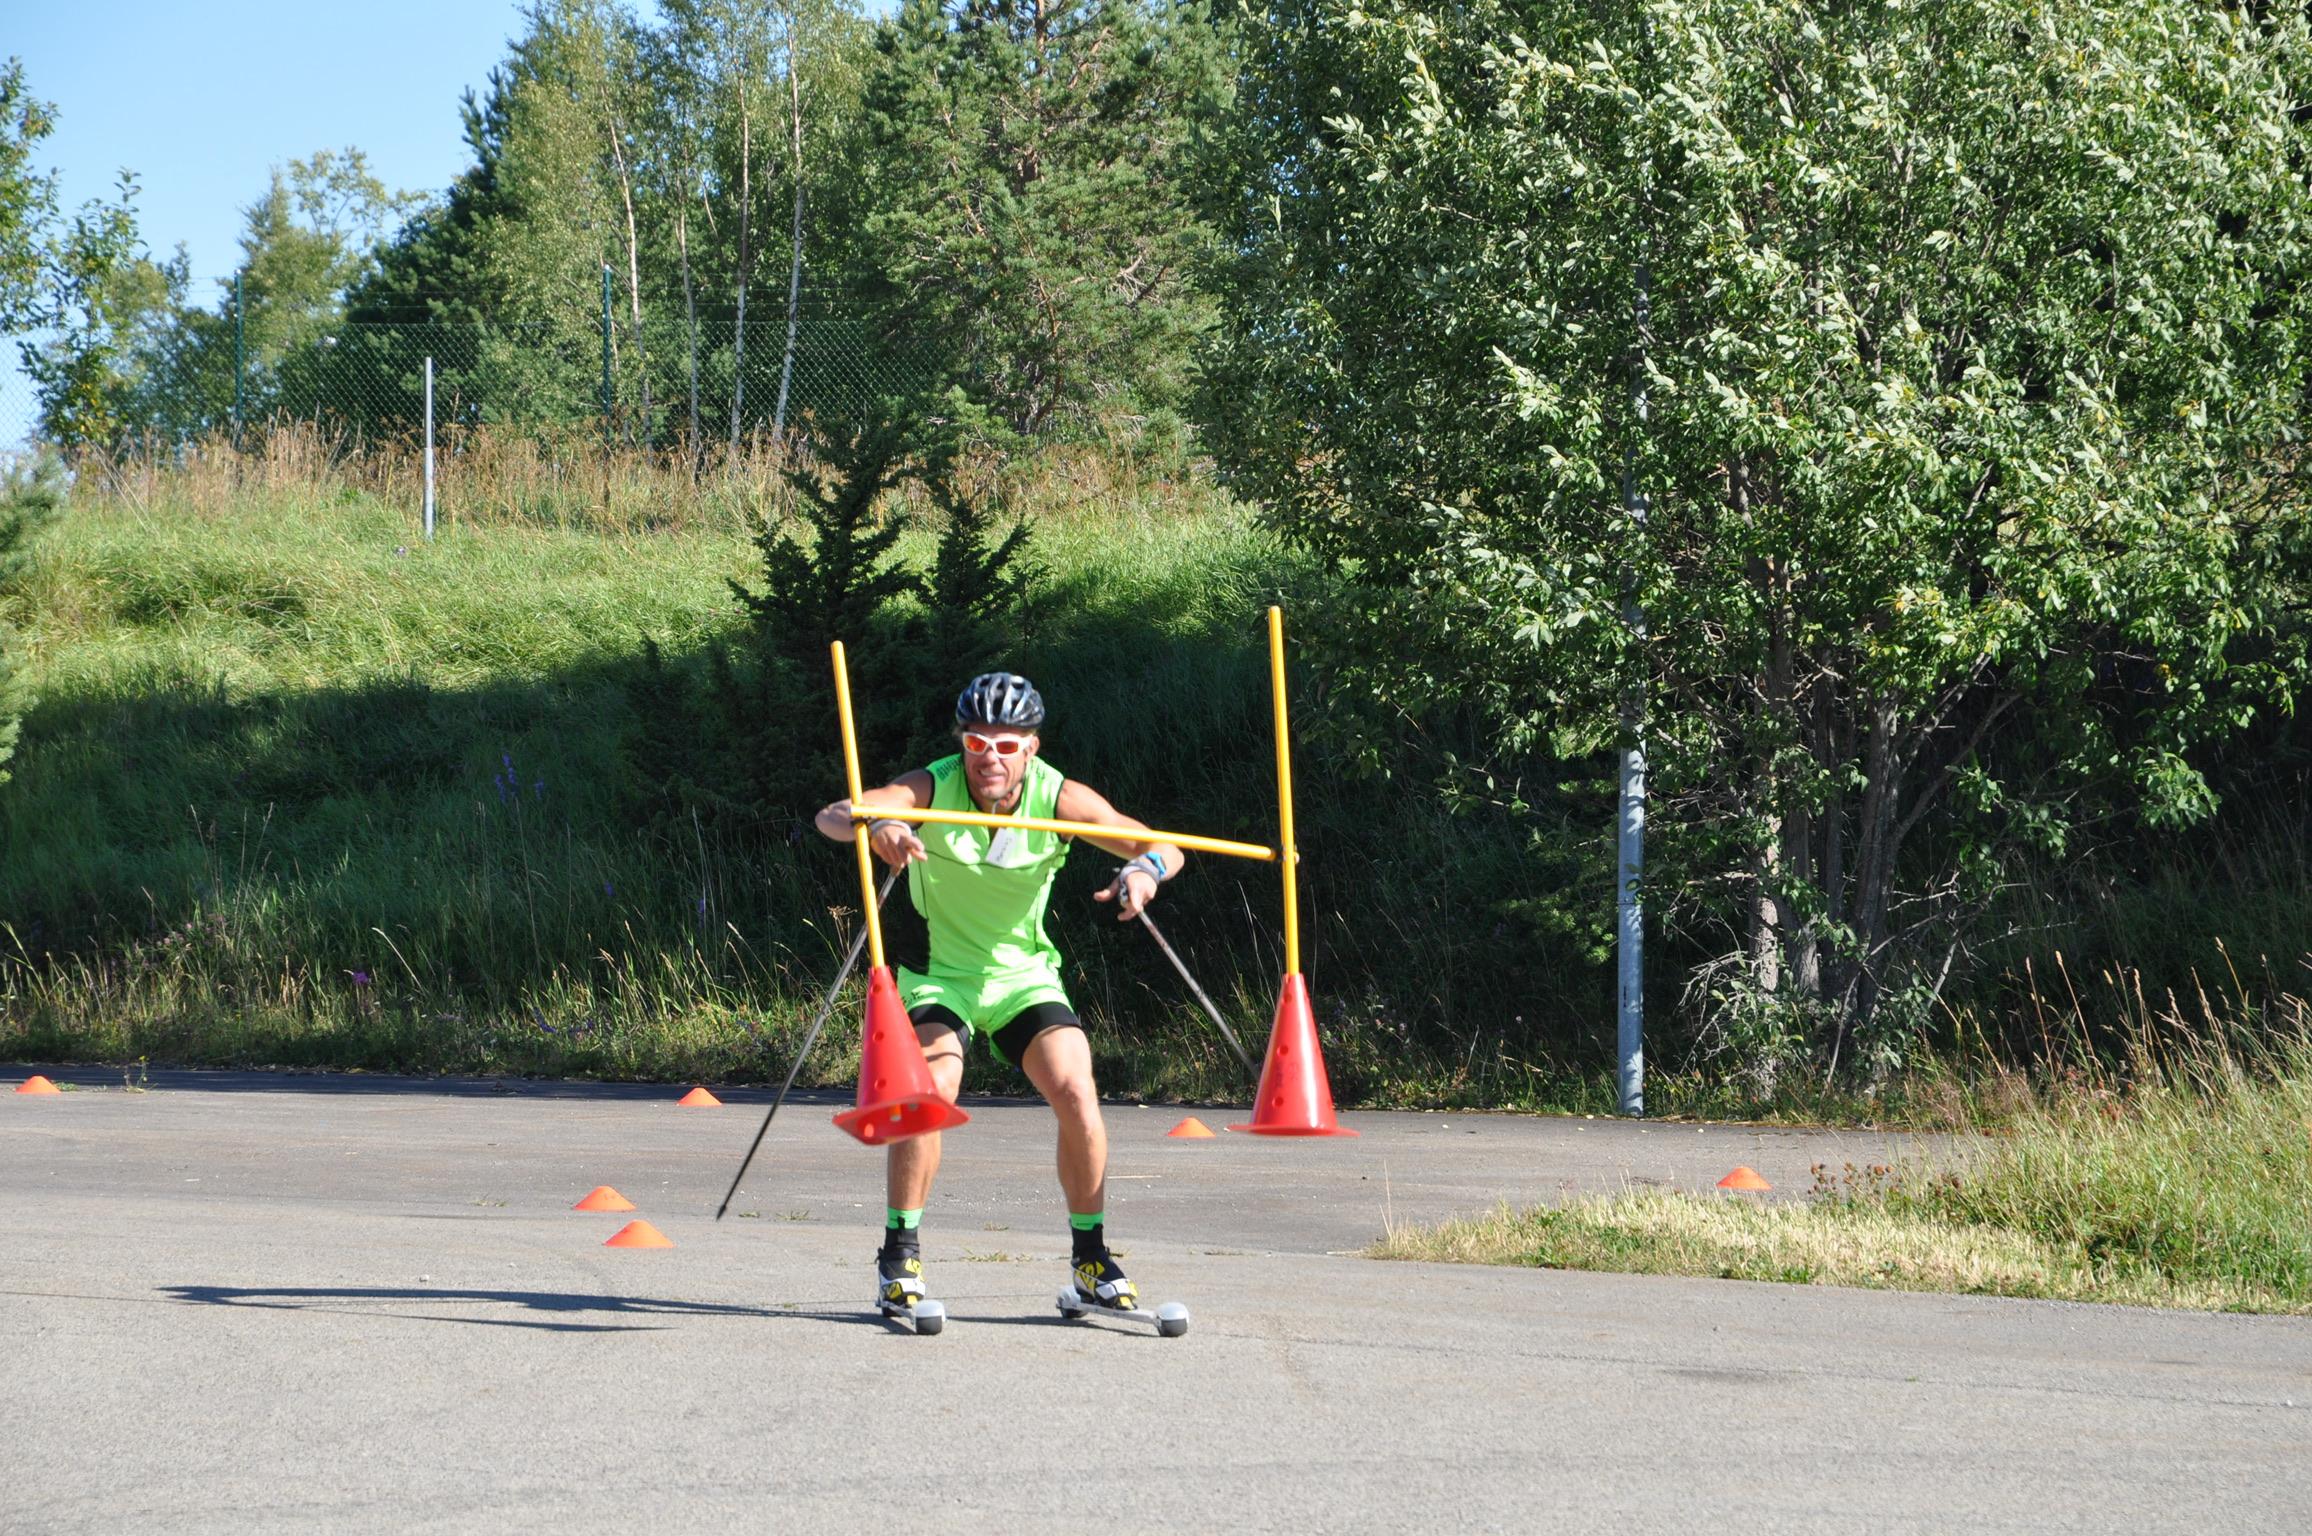 … här har ni självaste Mathias Fredriksson in action på en av Emils konbanor på ett av alla summercamps vi haft genom åren.